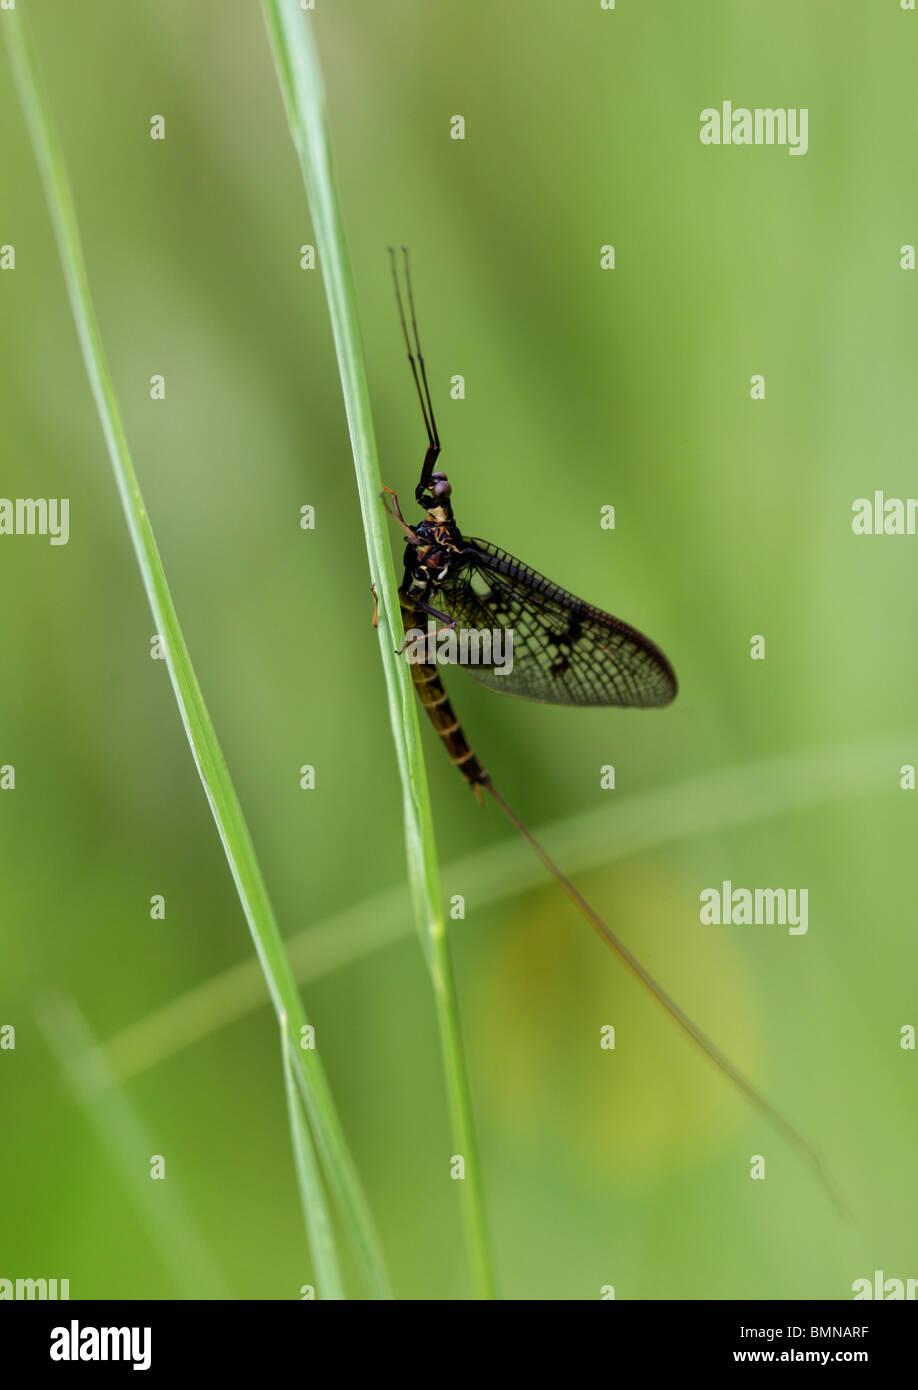 Mayfly, Ephemera vulgata, Ephemeridae, Ephemeroptera. - Stock Image